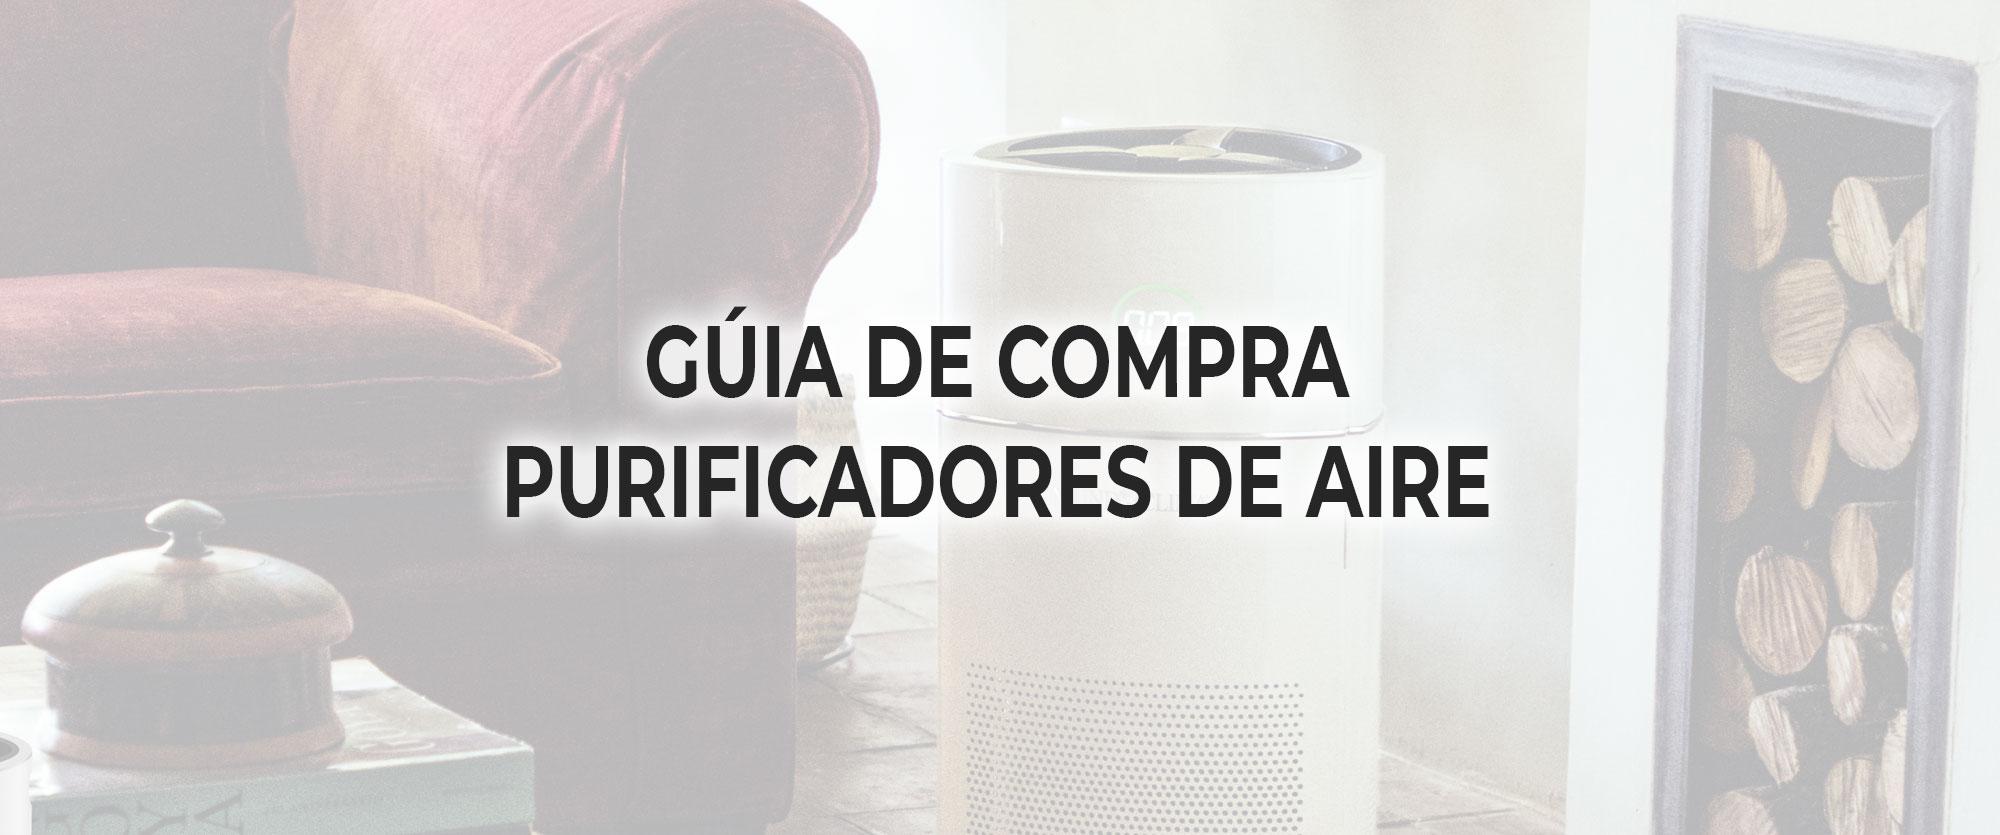 Cómo elegir el modelo de purificador de aire adecuado, guía de compra